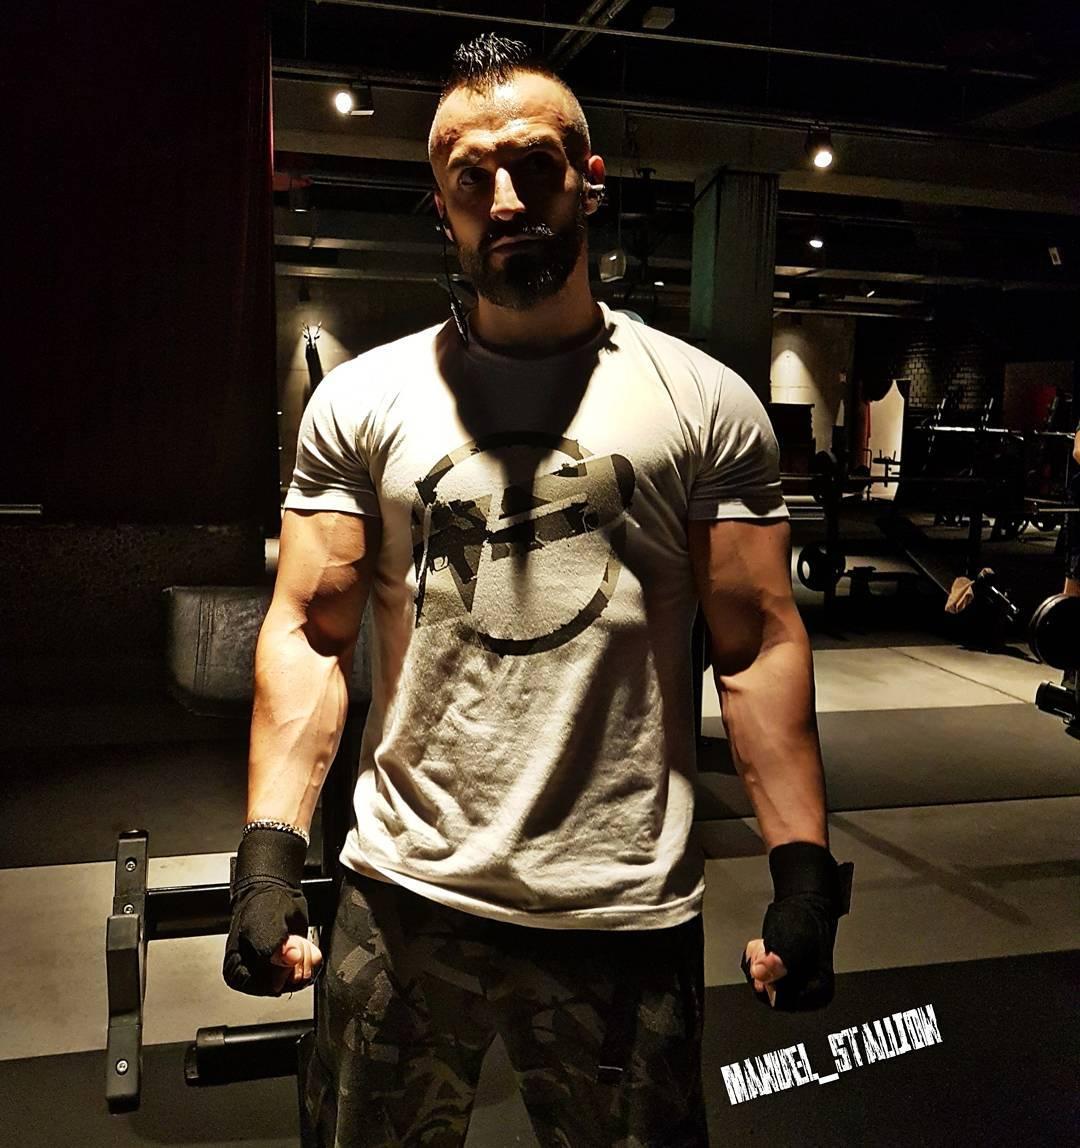 Freunde, denkt immer daran auch meine legendäre Insta Story anzuschauen und meine Bilder zu liken. 10k Follower sind geknackt… jetzt geht es mit Vollgas Richtung 20k! Ein bosshaftes Danke euch allen!!!✌😘 . #gym #mcfit #mcfitberlin #johnreed #johnreedberlin #fitness #studio #bodybuilding #sexy #body #muskeln #bizeps #pumped #pump #selfie #me #instafit #instagood #fitfam #focus #berlin #wedding #porno #lifestyle #bosslife #bangboss #pusher #l4l